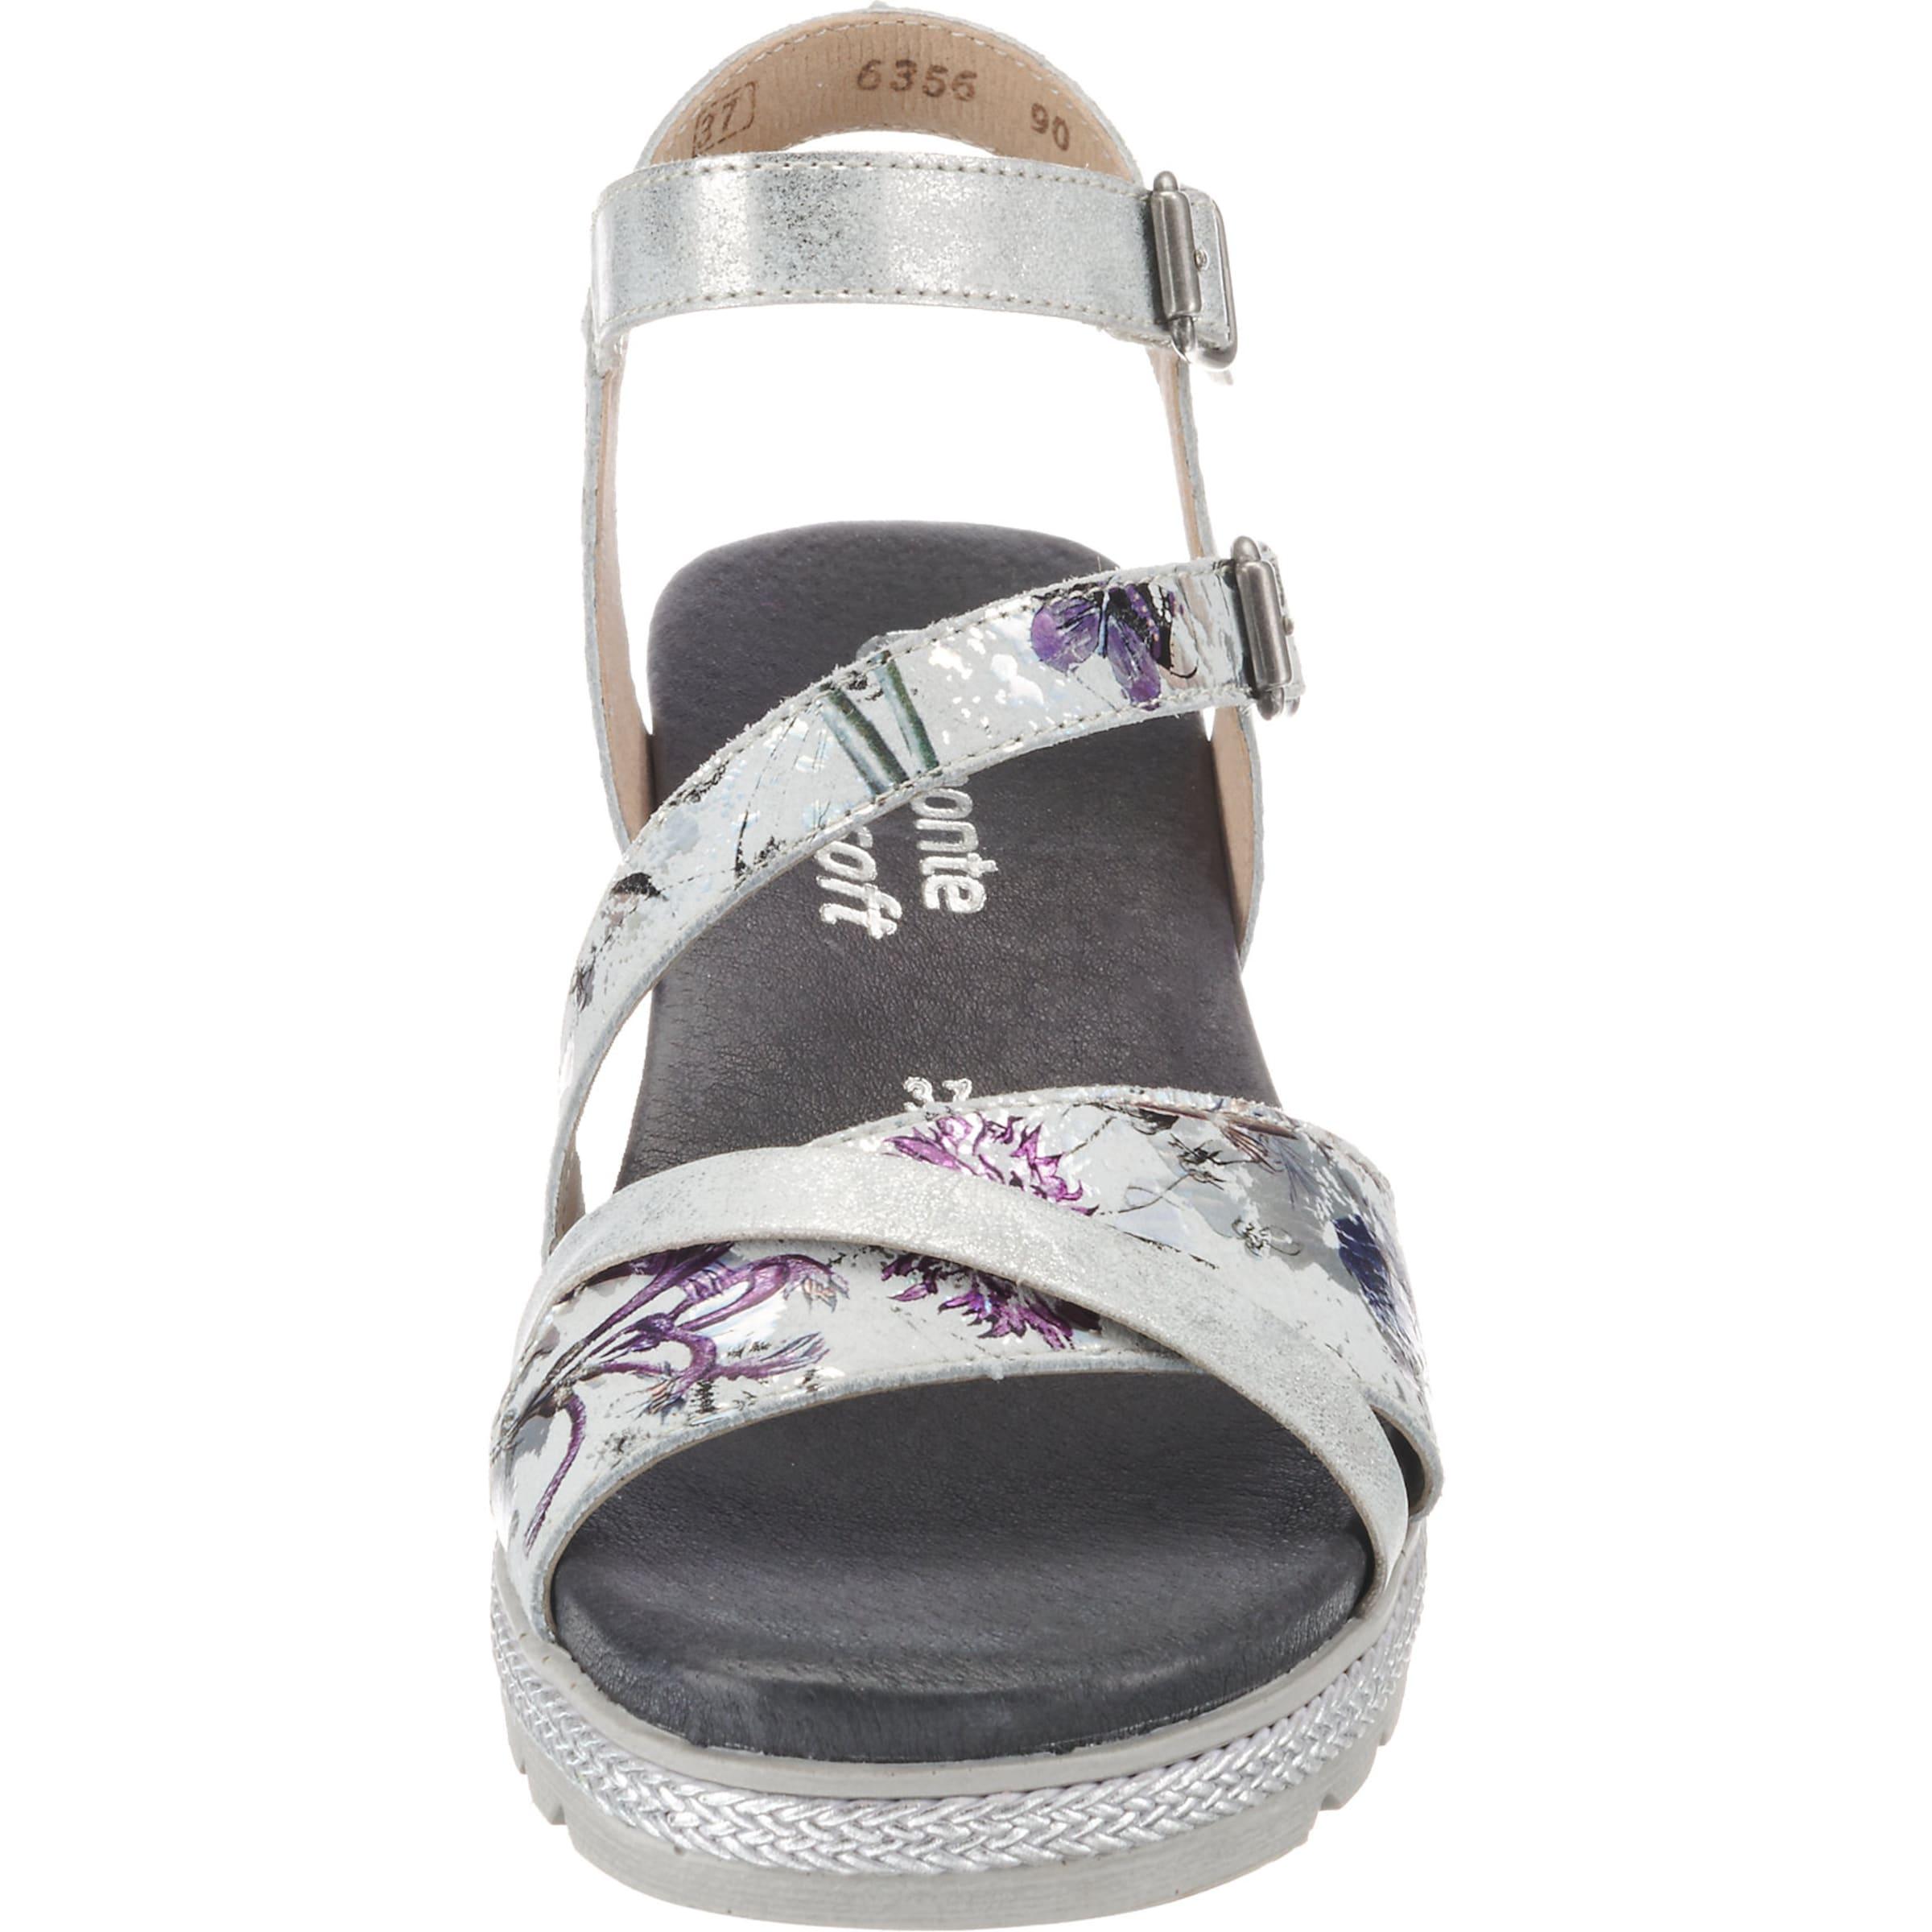 Sandaletten Remonte GrauMischfarben Remonte GrauMischfarben Sandaletten Remonte In Remonte Sandaletten In GrauMischfarben In 2IYHWED9e